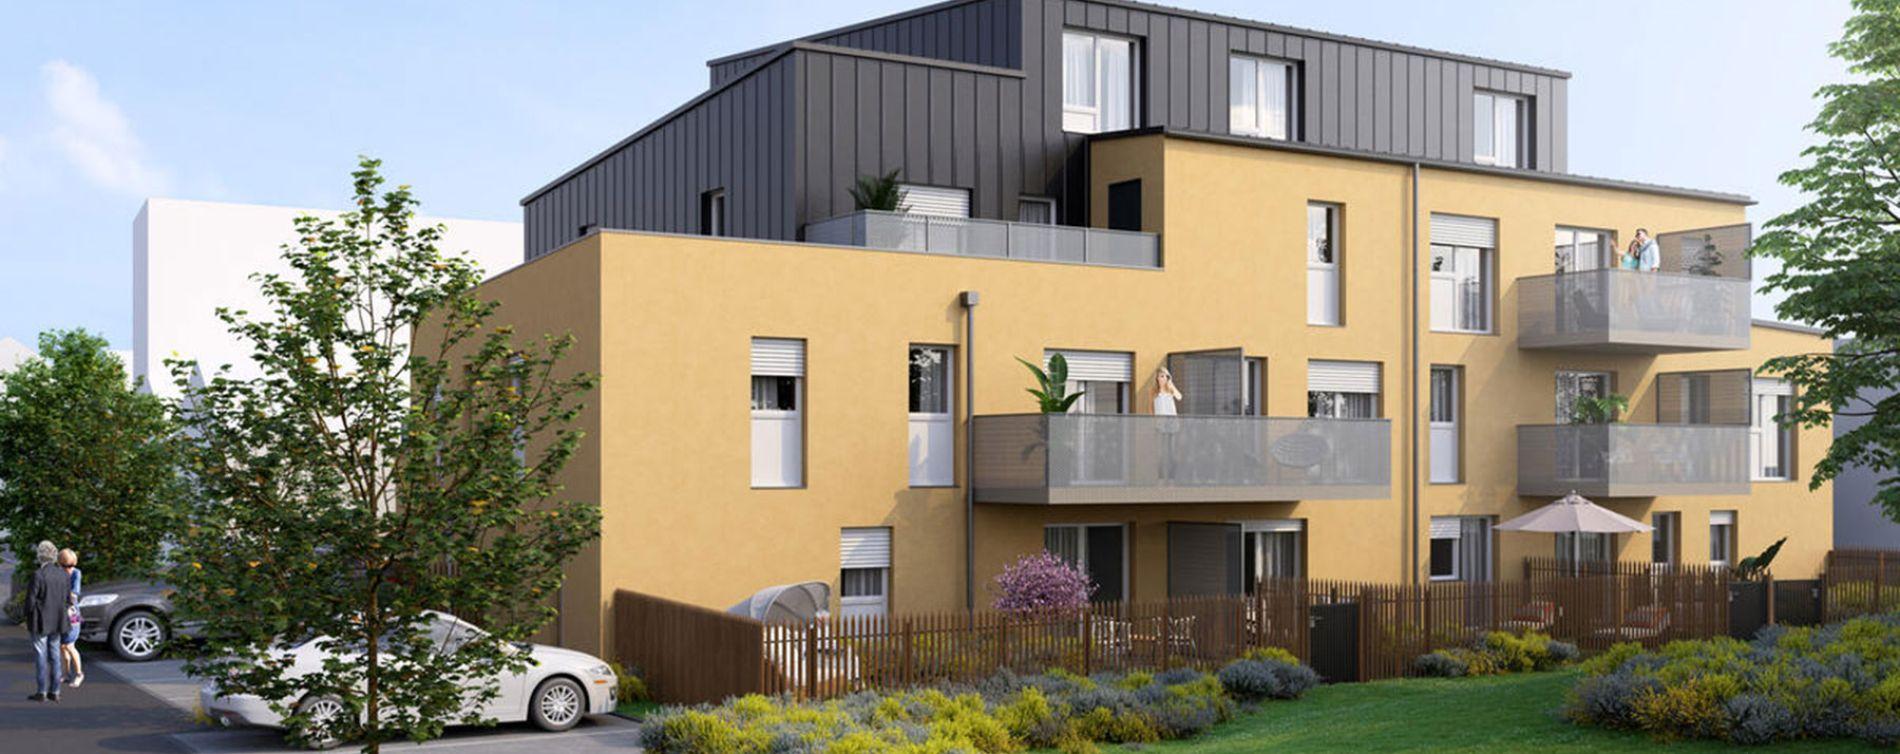 Paimbœuf : programme immobilier neuve « Carré Prévert »